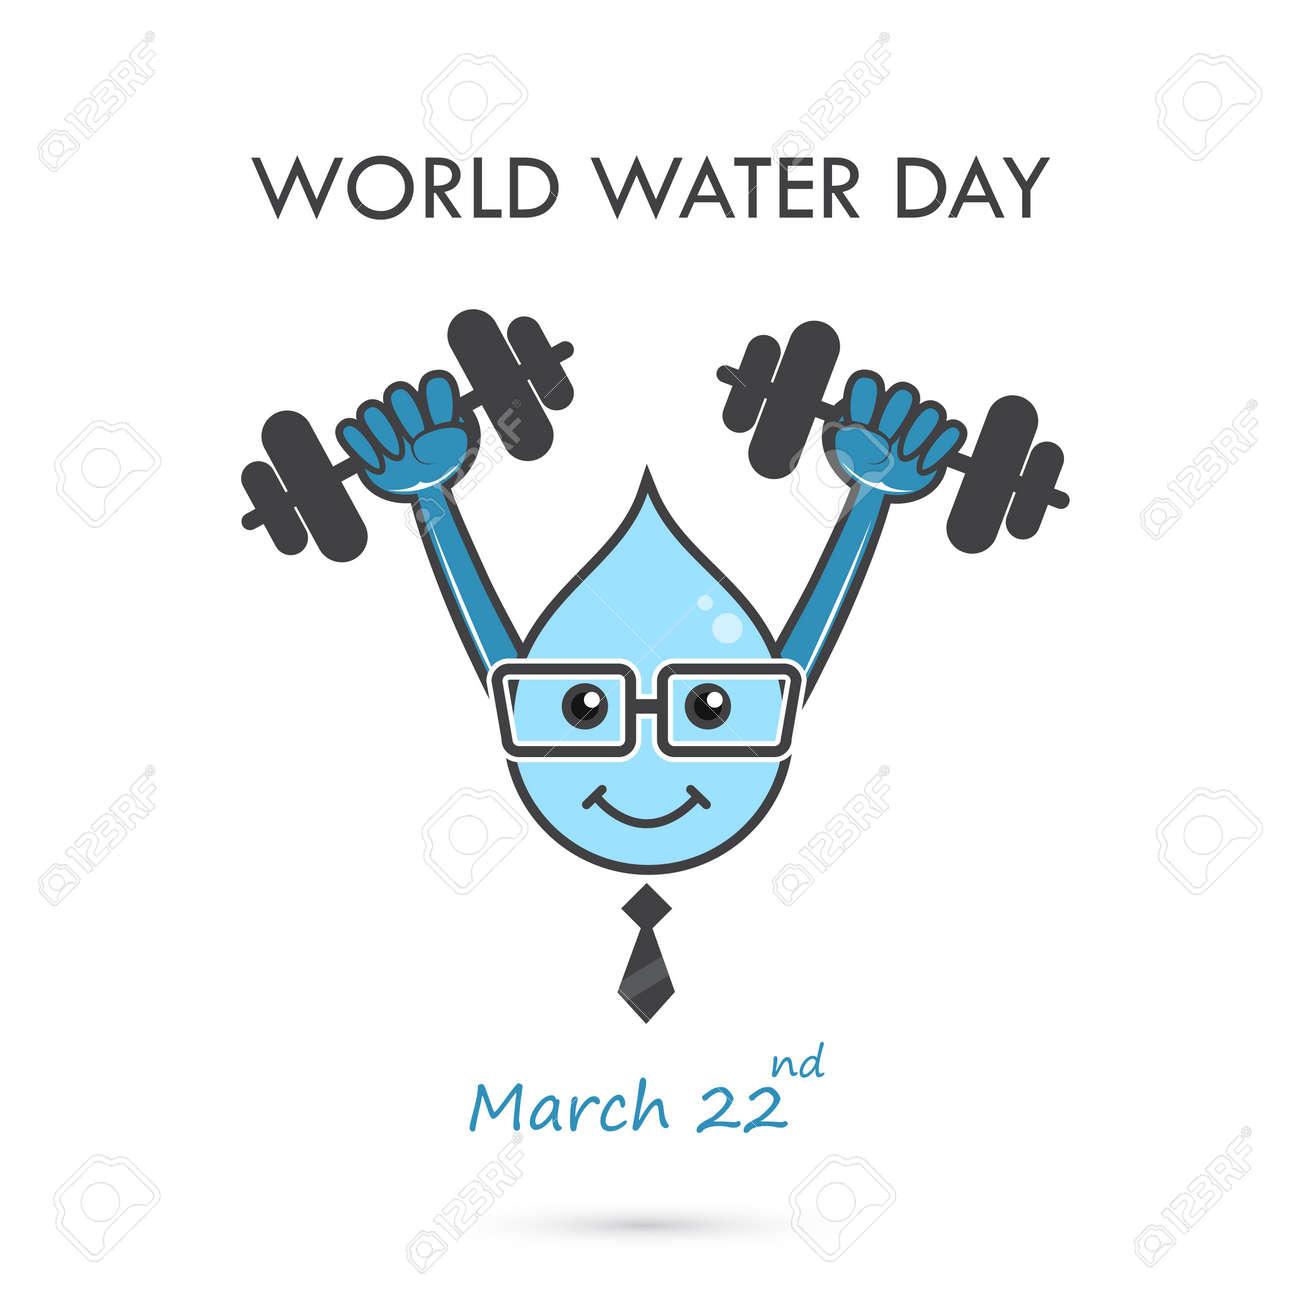 Diseño De Dibujos Animados De Ilustración De Día Mundial De Agua